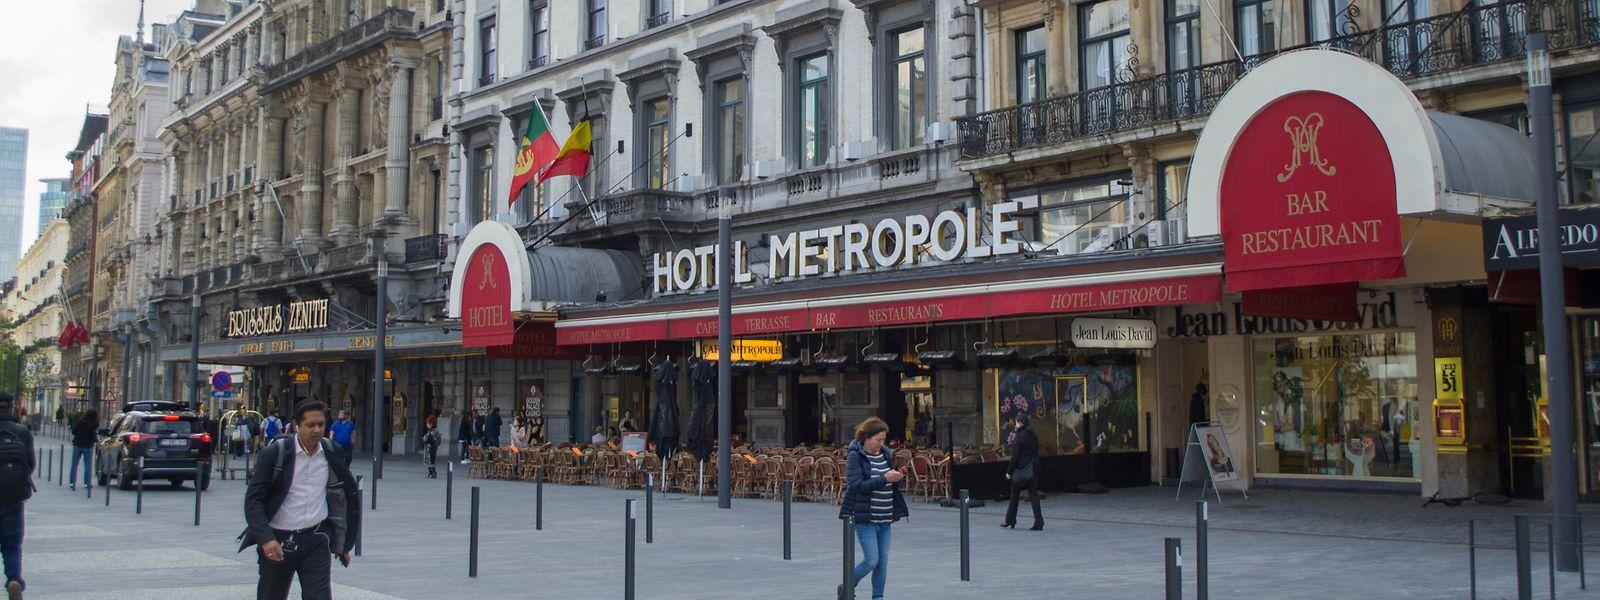 En 2017, les Bervoets ont acquis l'hôtel Métropole à la famille Wielemans, son propriétaire historique depuis 1895.